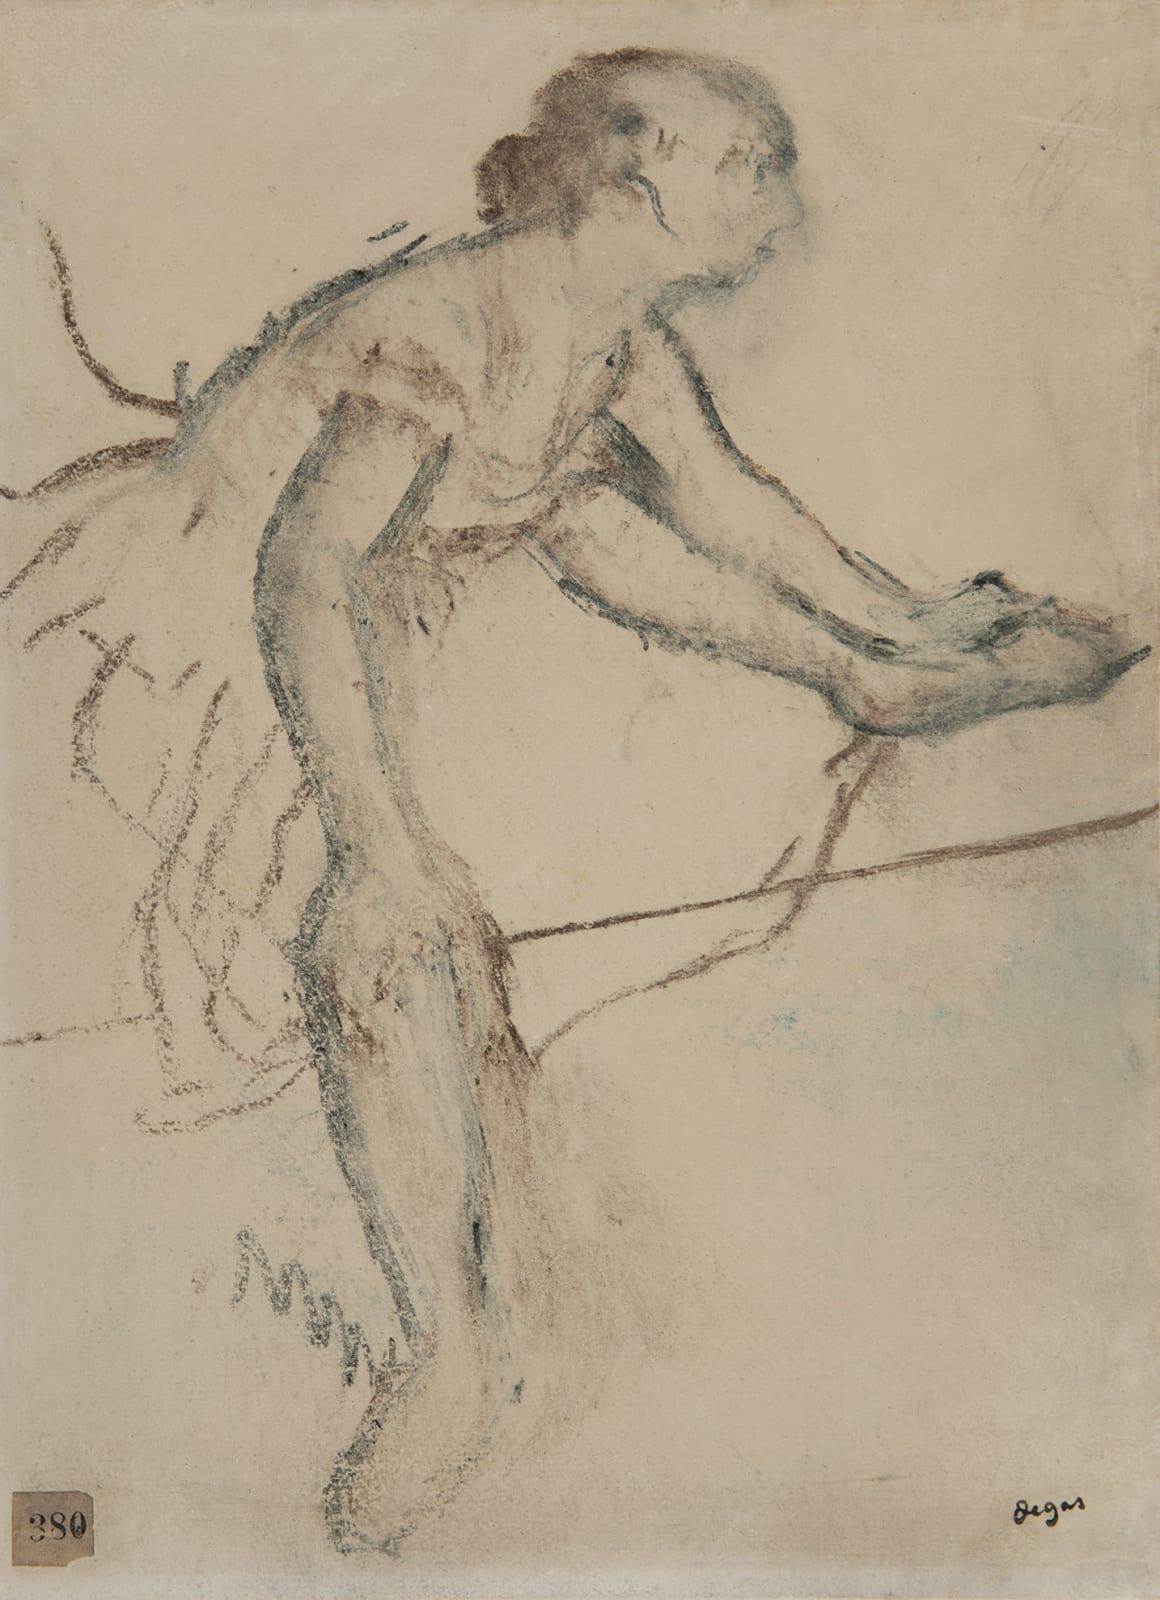 EDGAR DEGAS, Danseuse assise, circa 1899